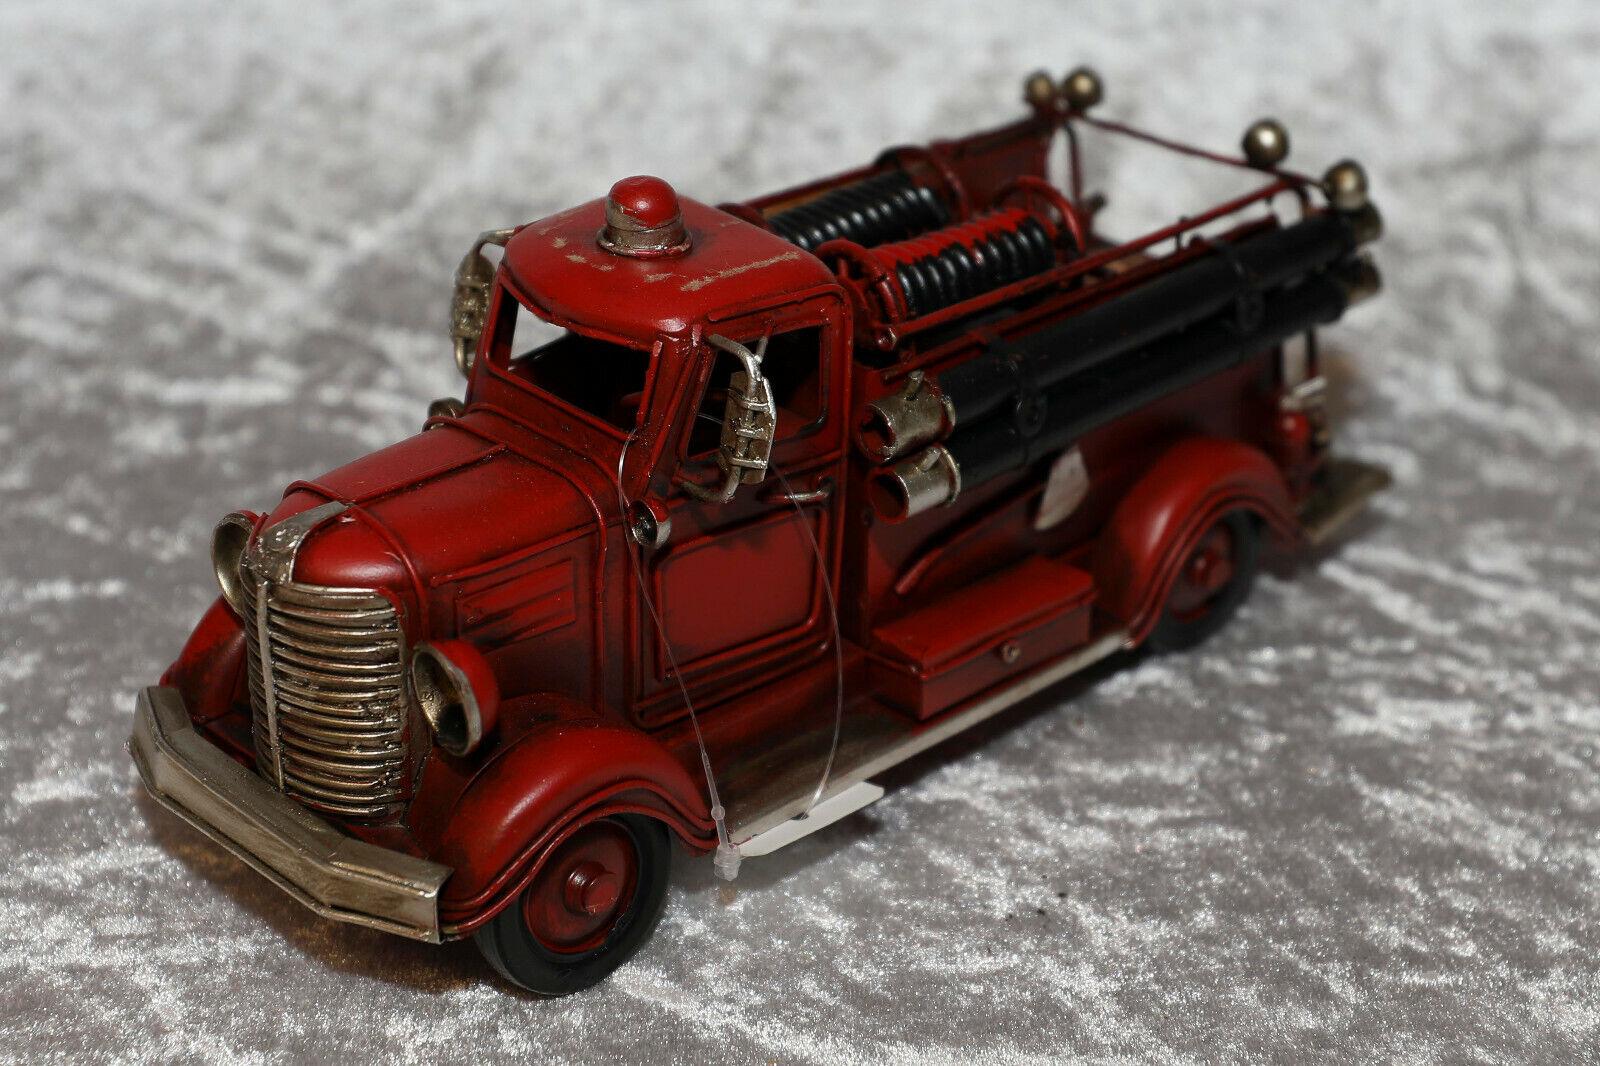 Blechspielzeug Feuerwehr Nostalgie Vintage Standmodell Deko 50er Jahre